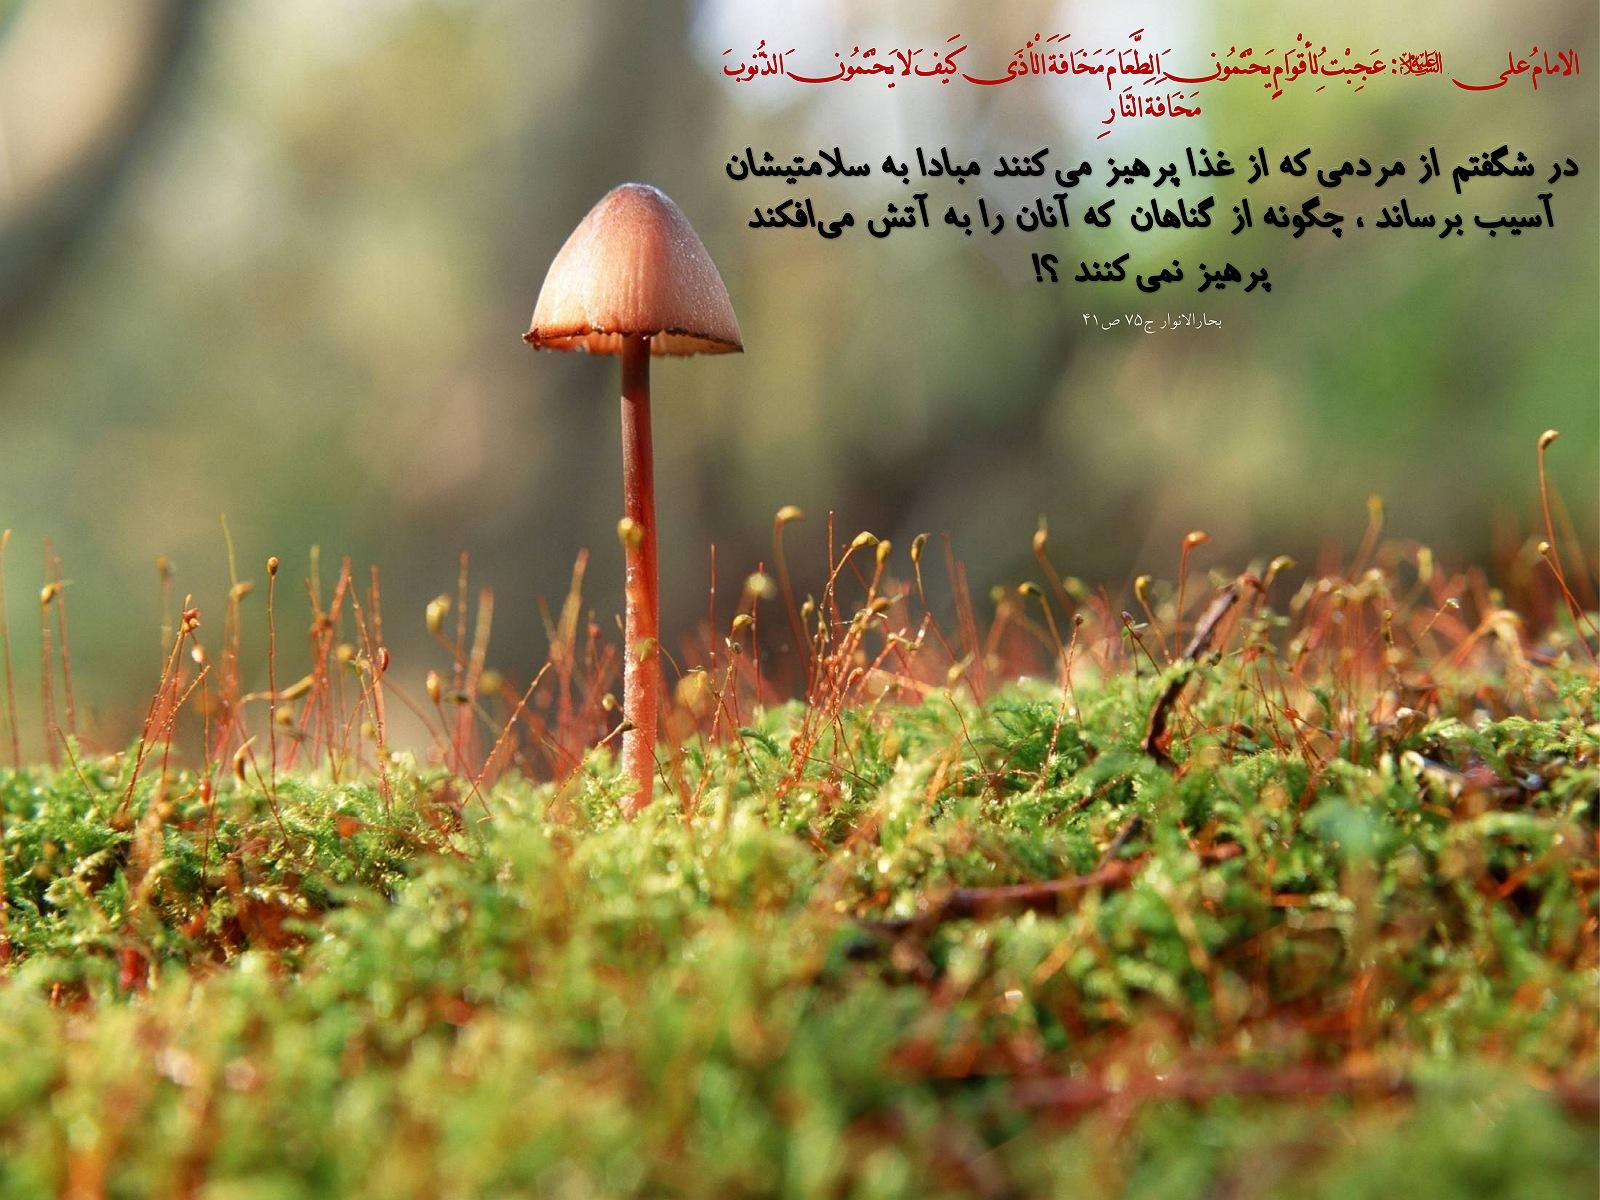 http://anti211.persiangig.com/hidith-tasviri/641Hadis%20H194.jpg